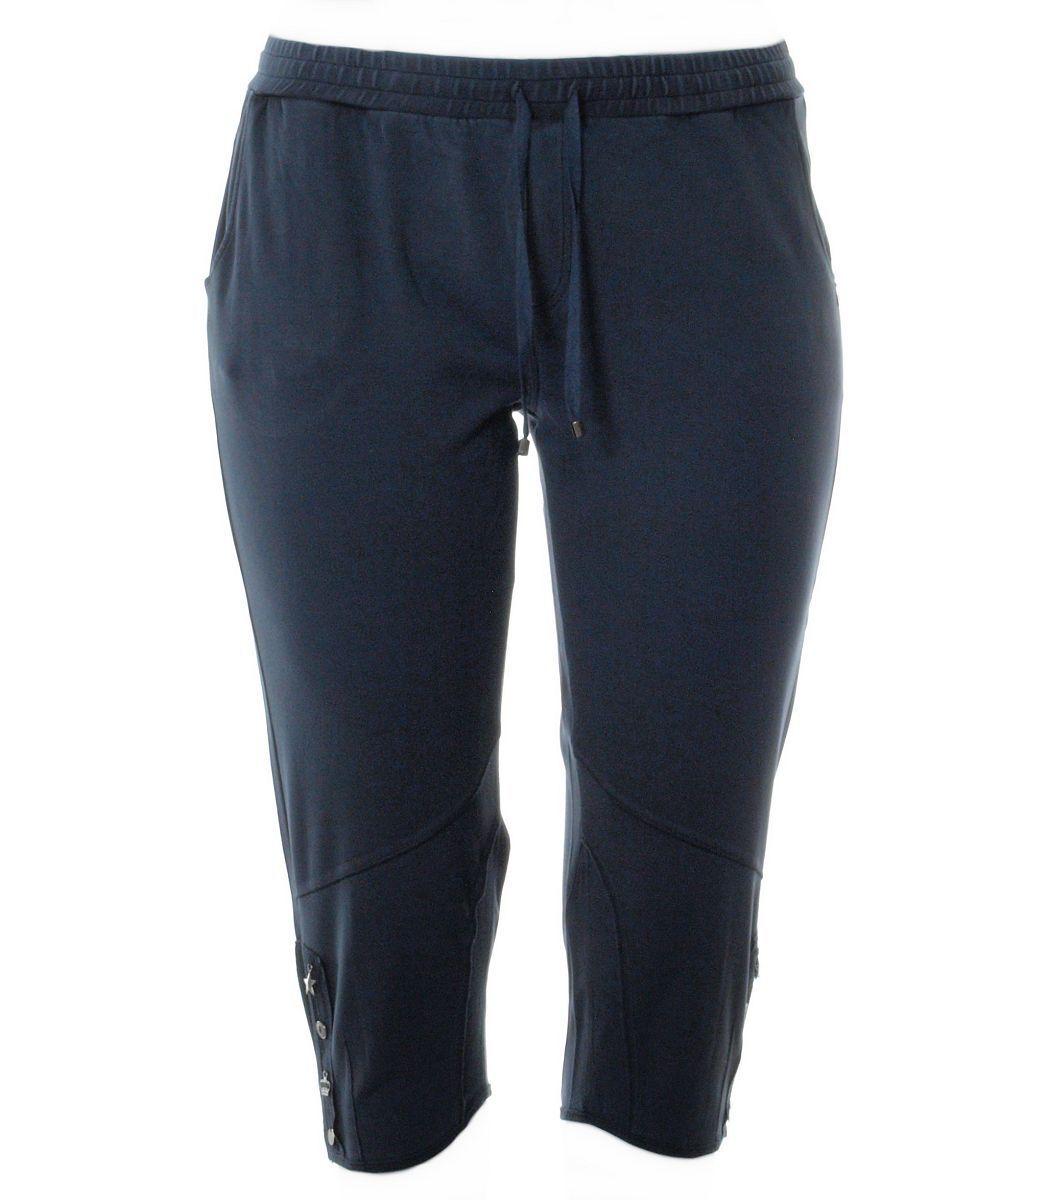 No Secret Stretch 7 8 Jeggings Leggings Damen große Größen in Blaugrau Damenhose